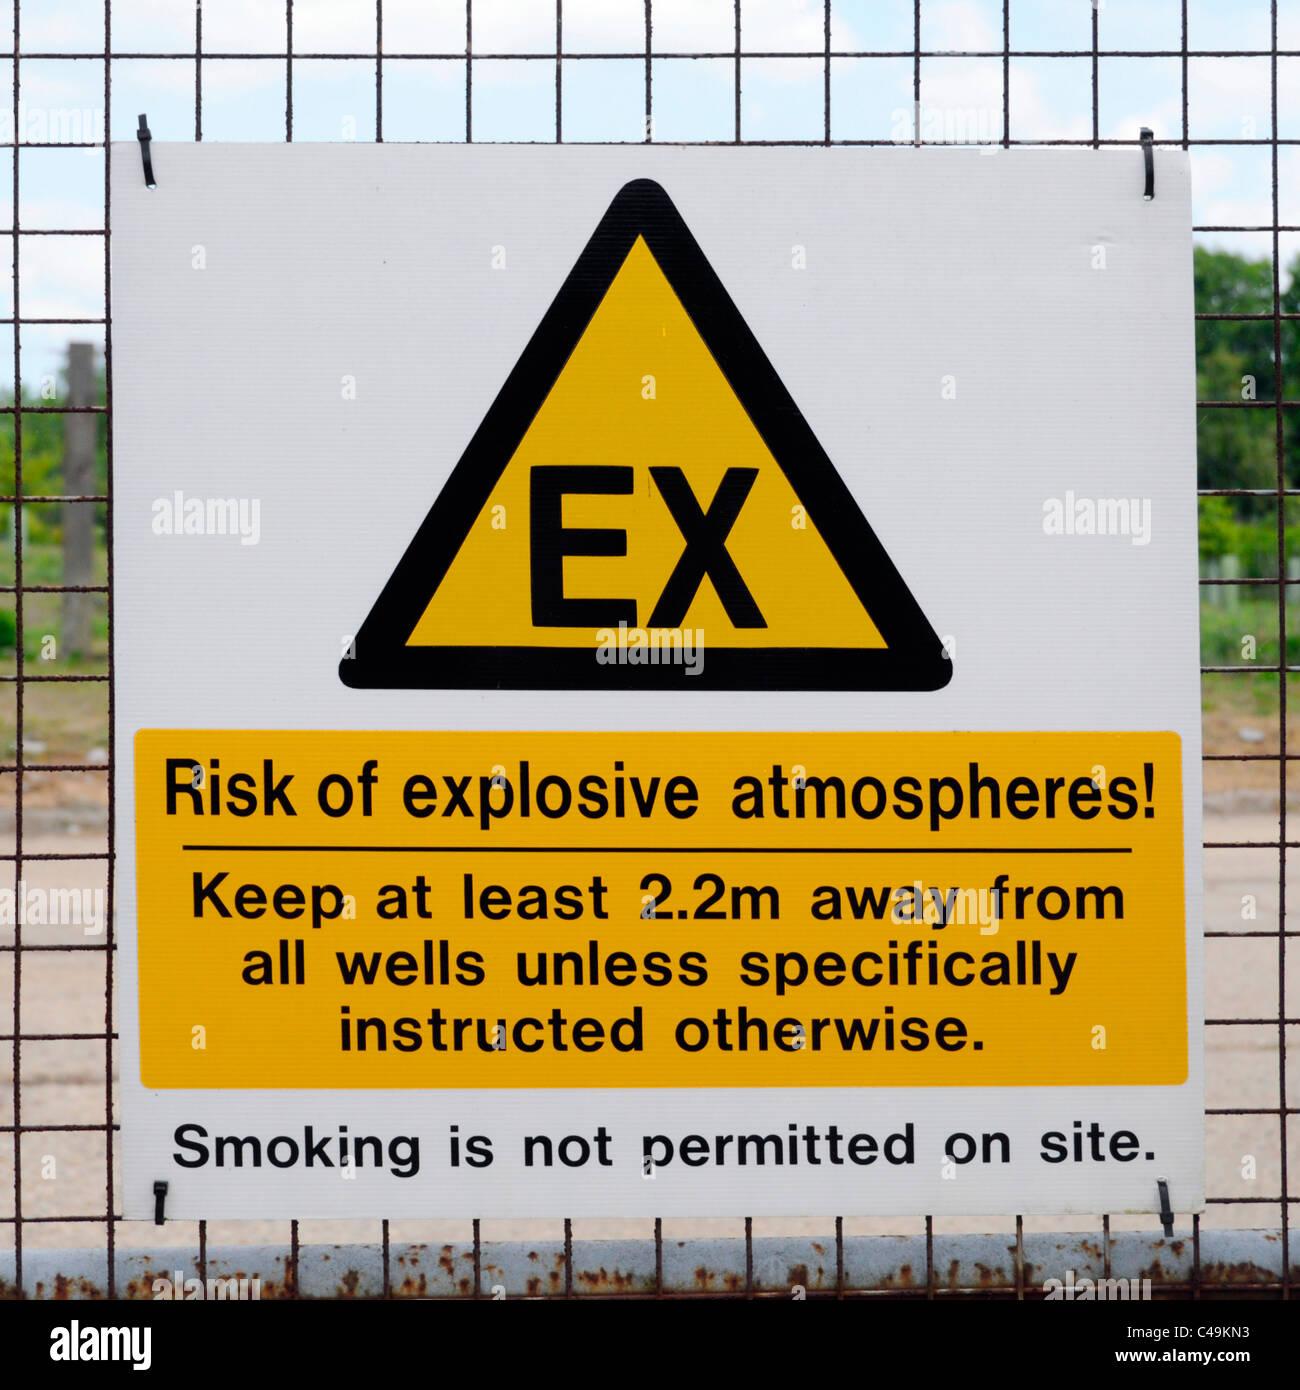 La gestione dei rifiuti di atmosfera esplosiva cartelli di avvertimento sulla discarica chiusa sito dopo il paesaggio Immagini Stock